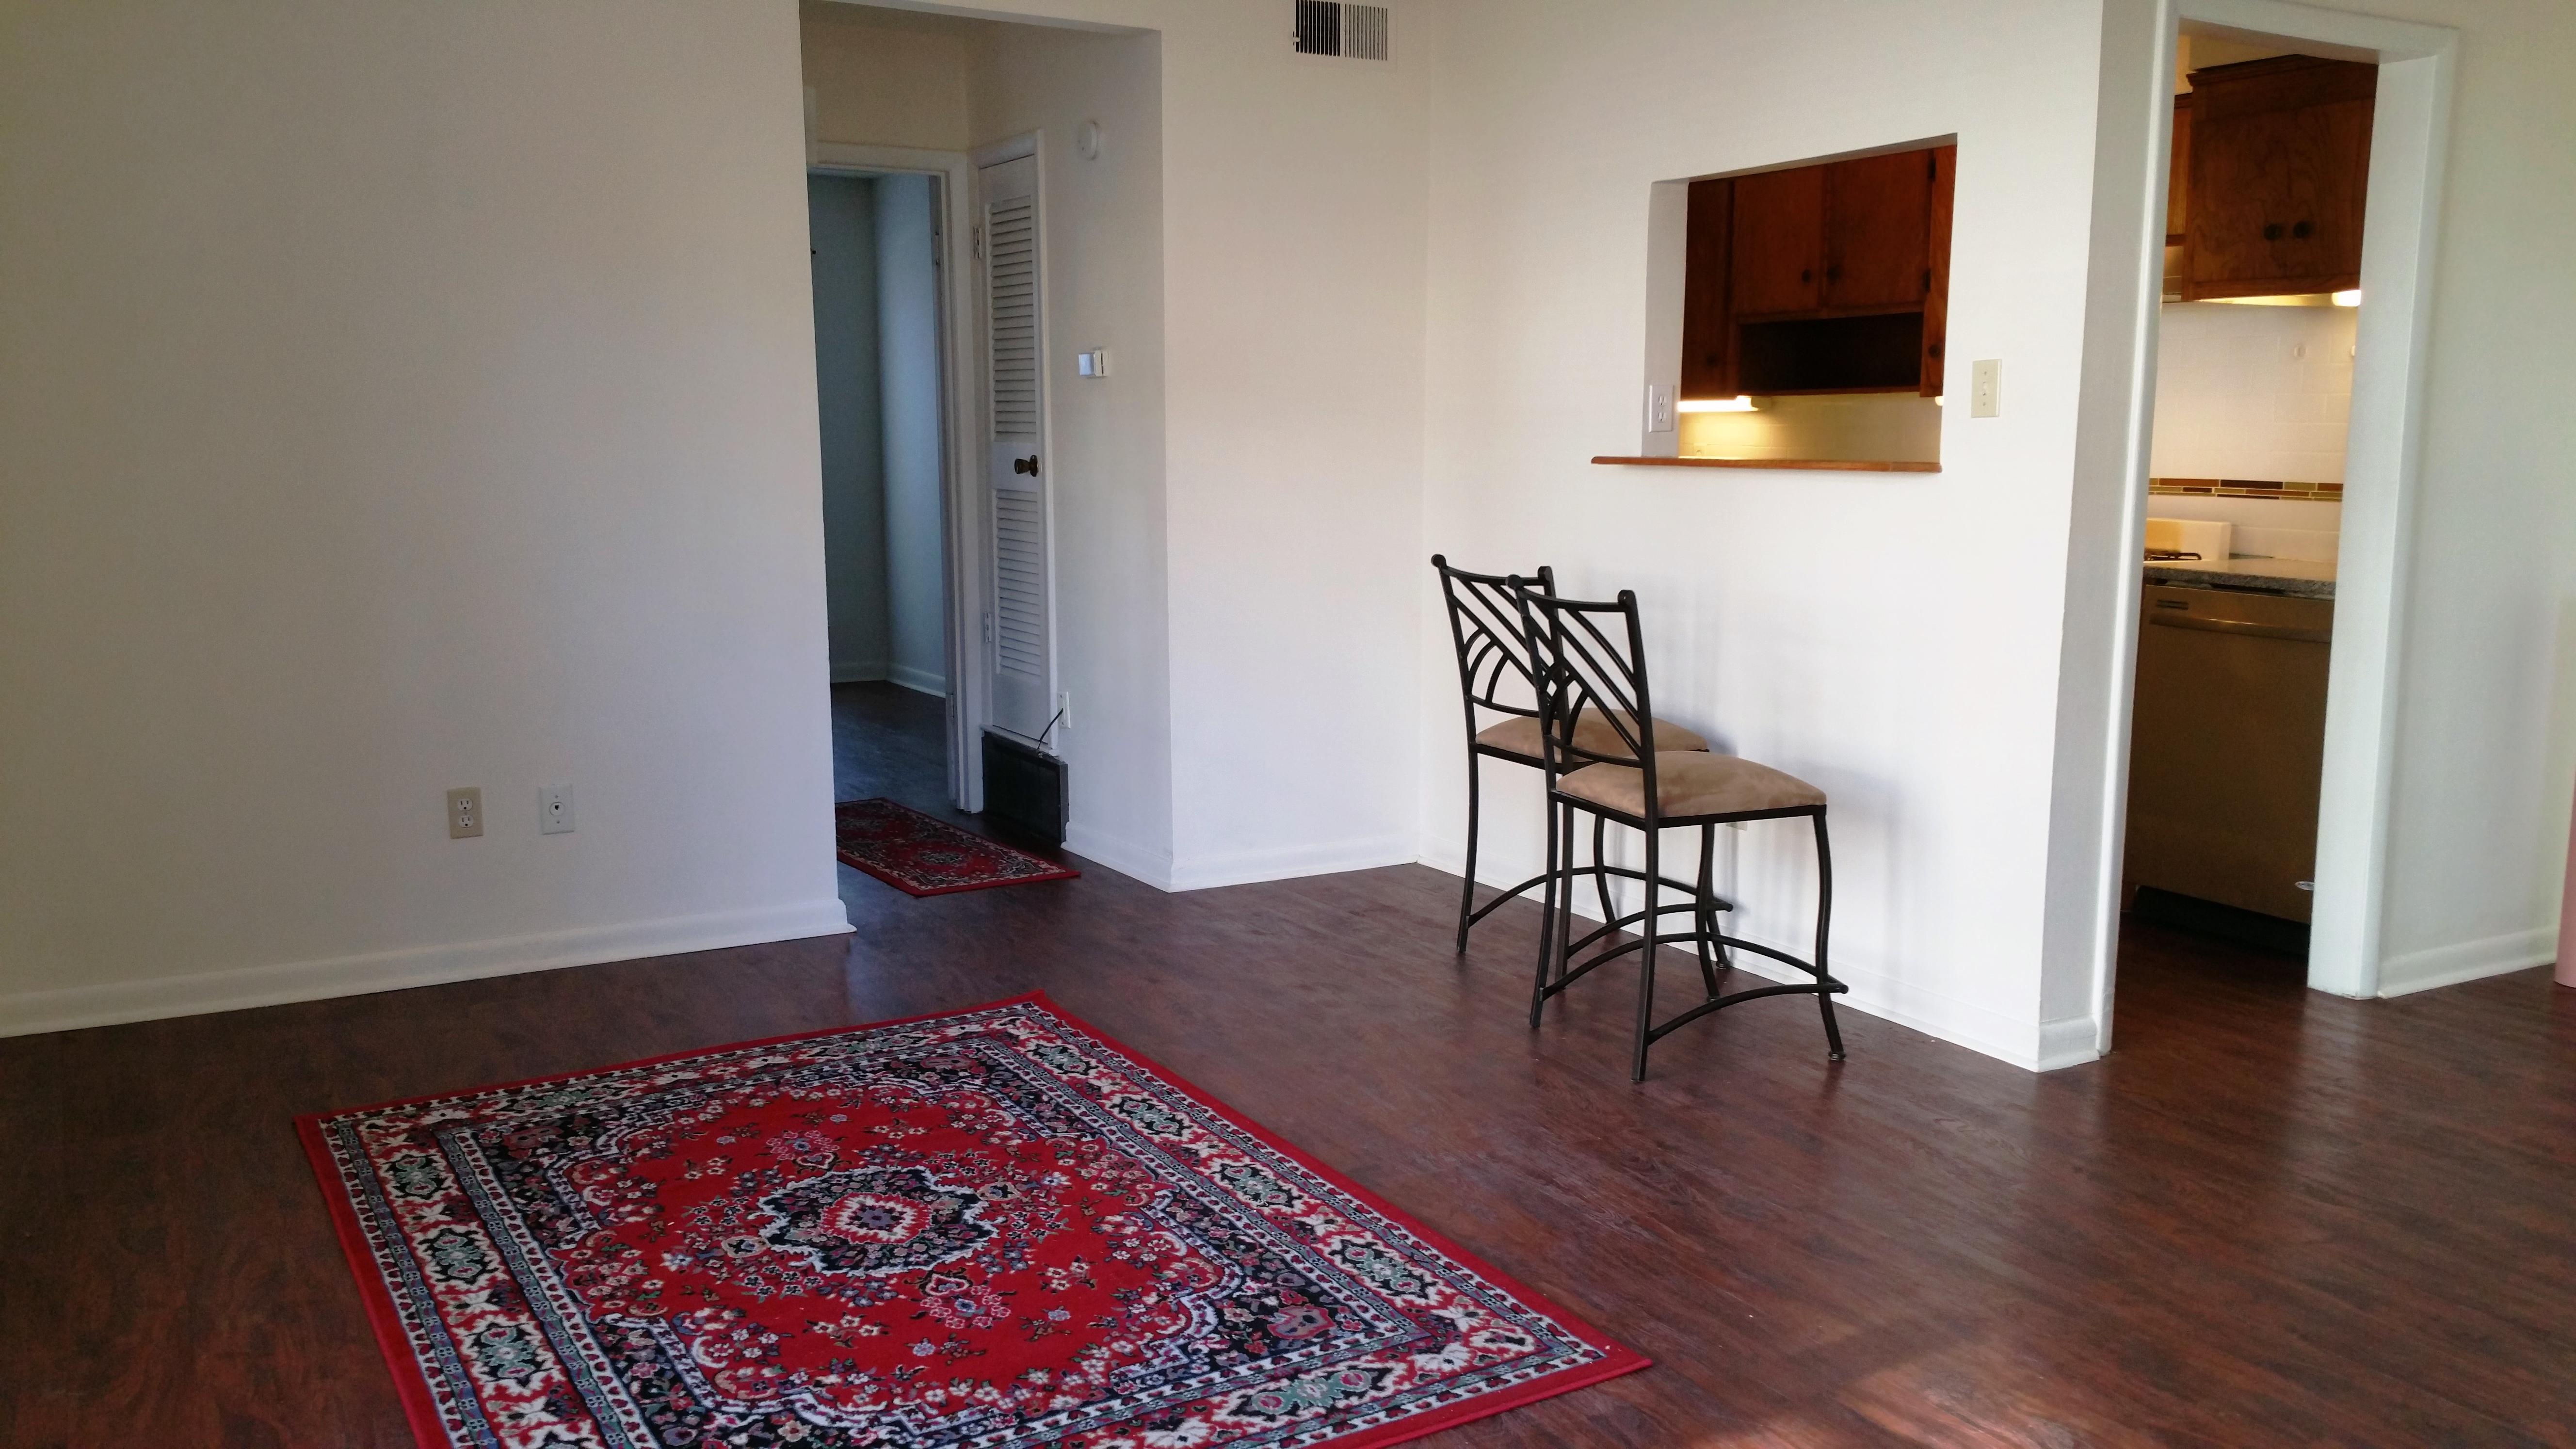 Properties for rent renaissance associates properties - 1 bedroom apartments in midtown memphis tn ...